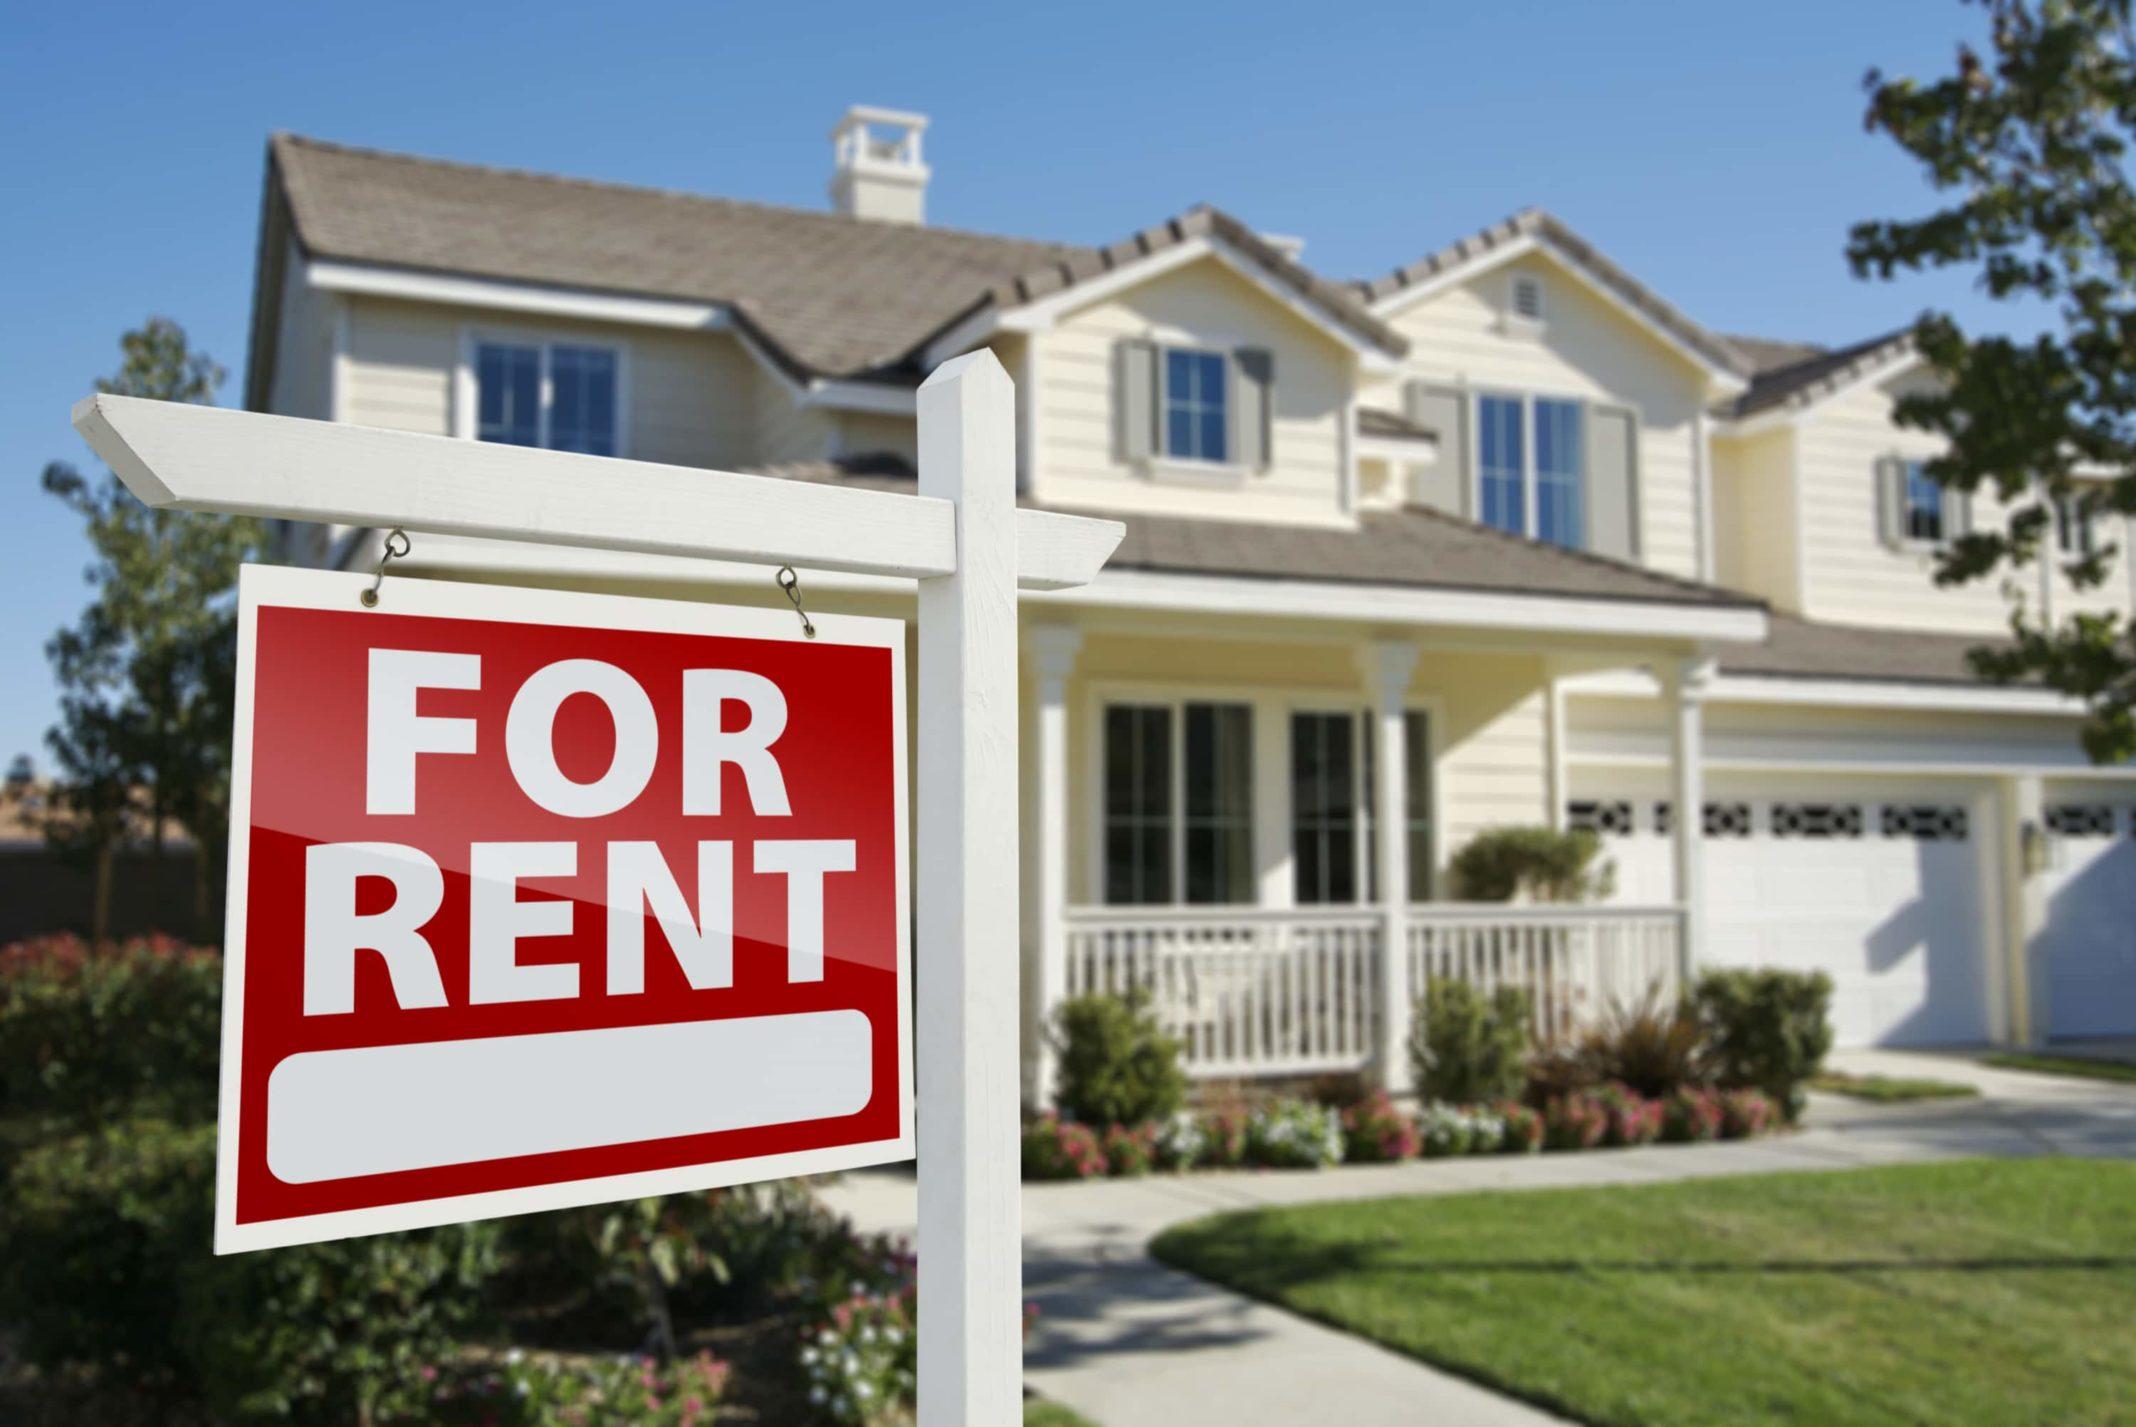 Khi thuê căn hộ, bạn nên tránh trả phí dịch vụ tìm nhà trước khi thuê